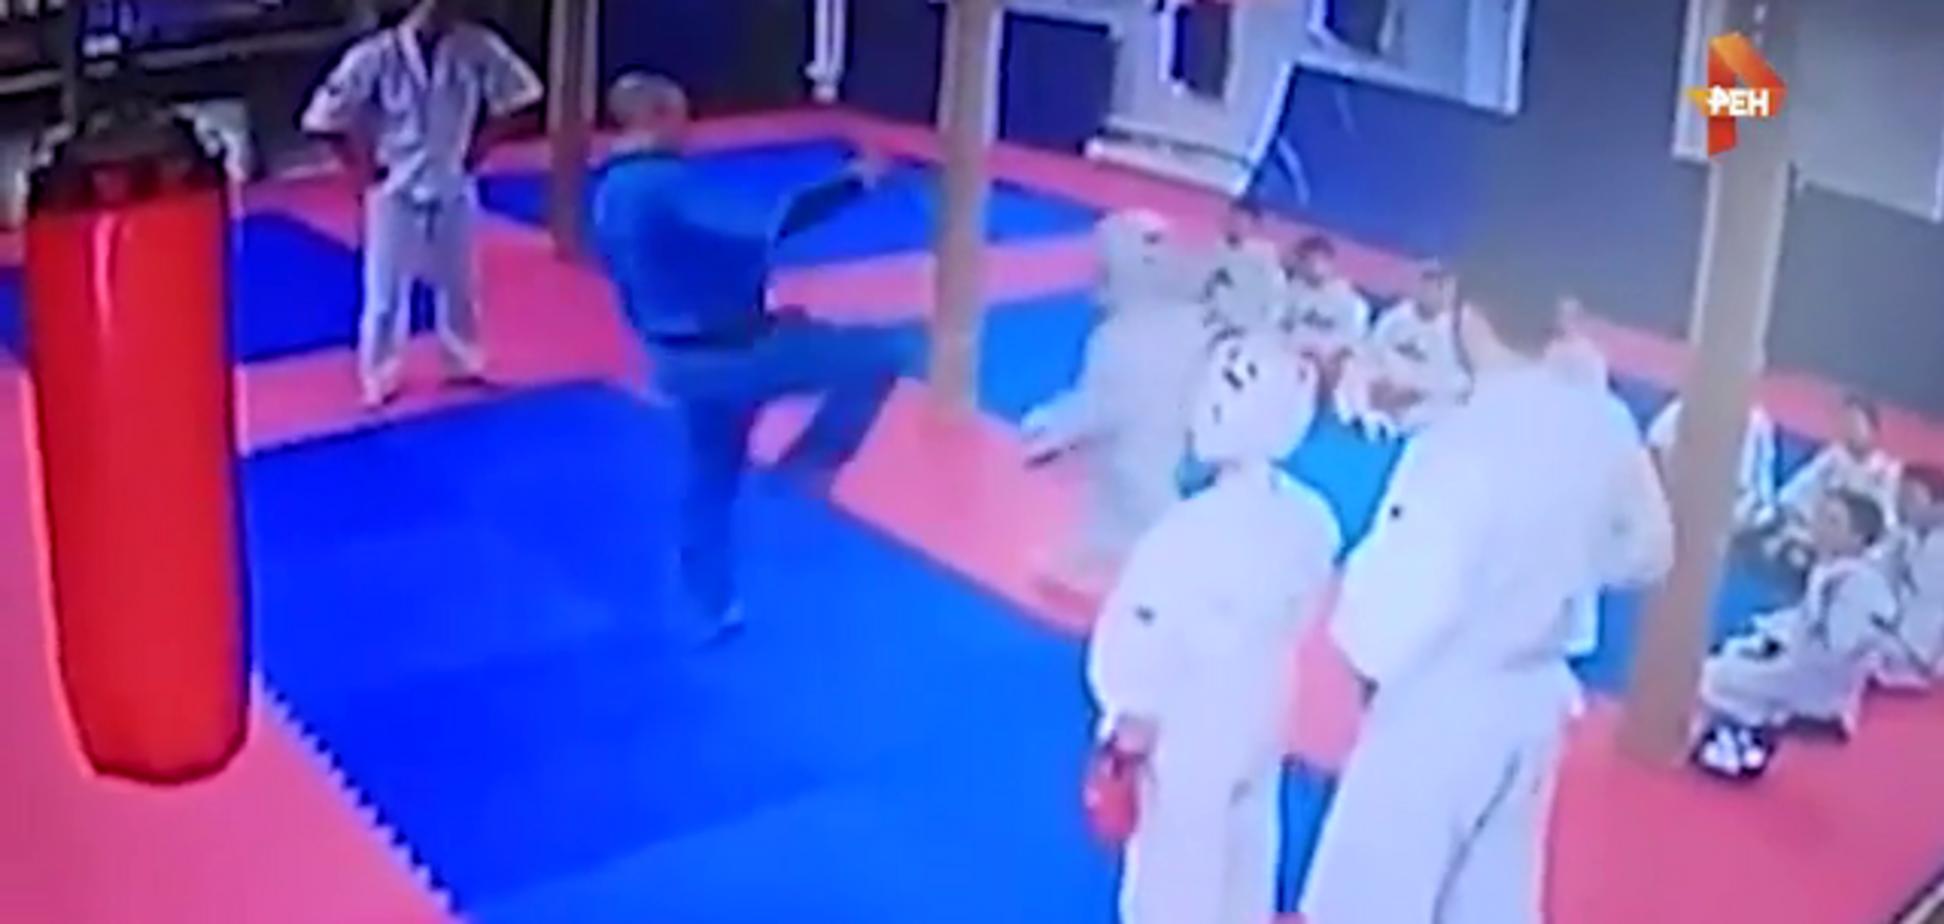 Дичина дня: у Росії тренер вирішив виховати дитину, вдаривши ногою у голову